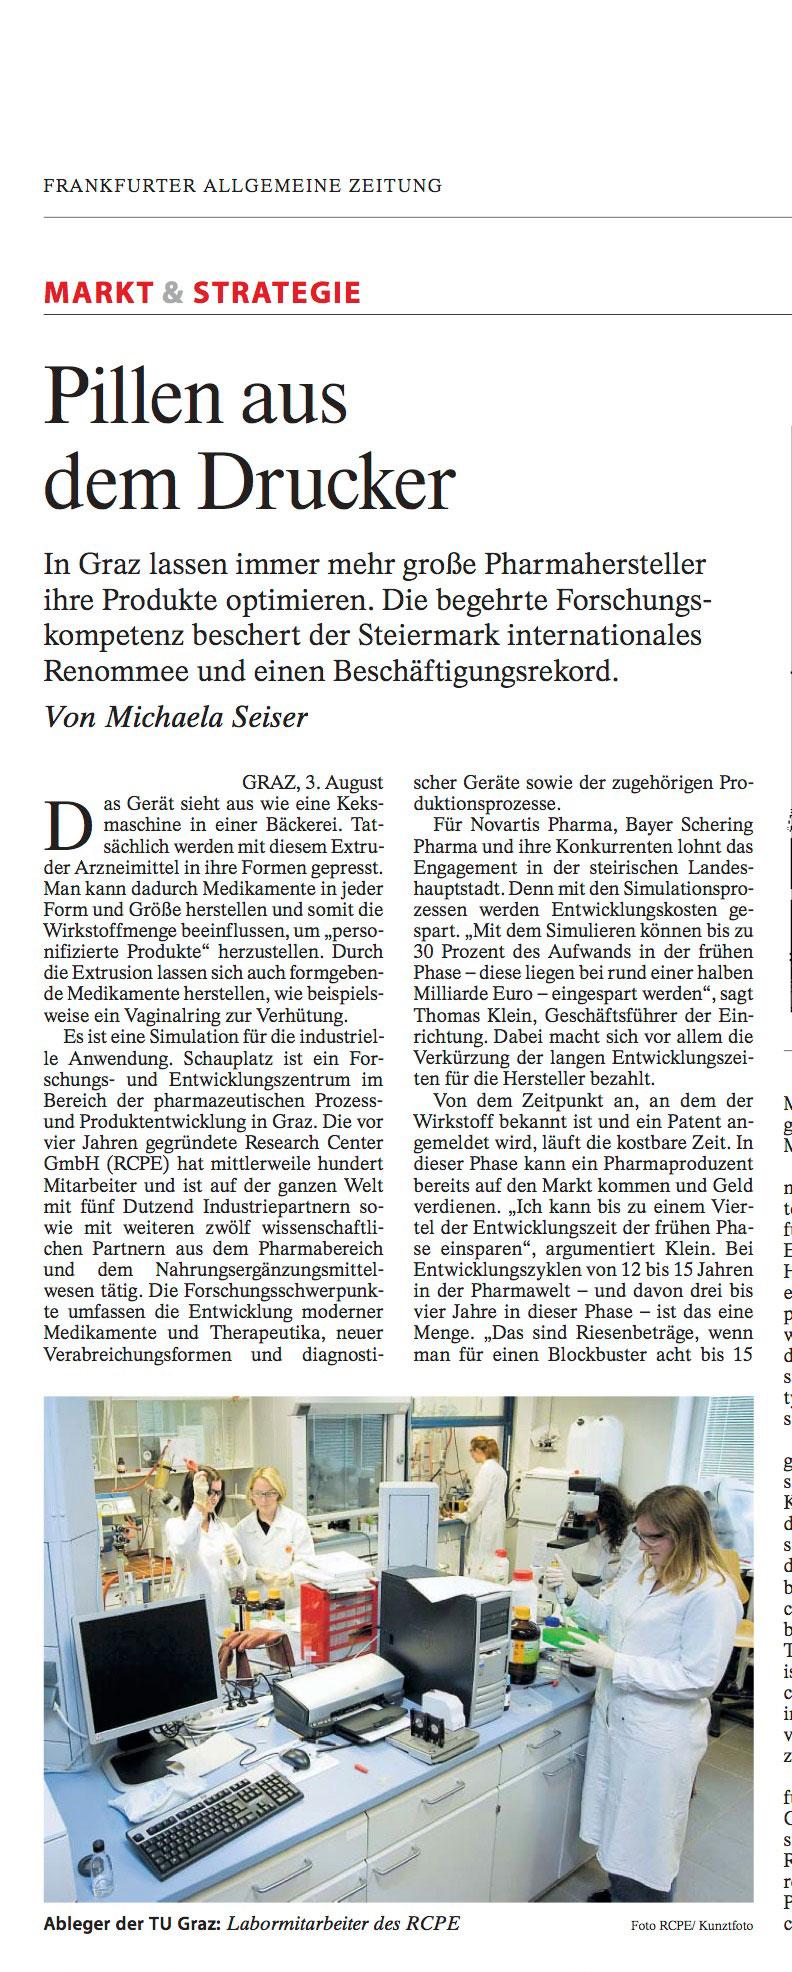 Frankfurter-Allgemeine-Zeitung---Pillen-aus-dem-Drucker---4.-August-2012-1.jpg